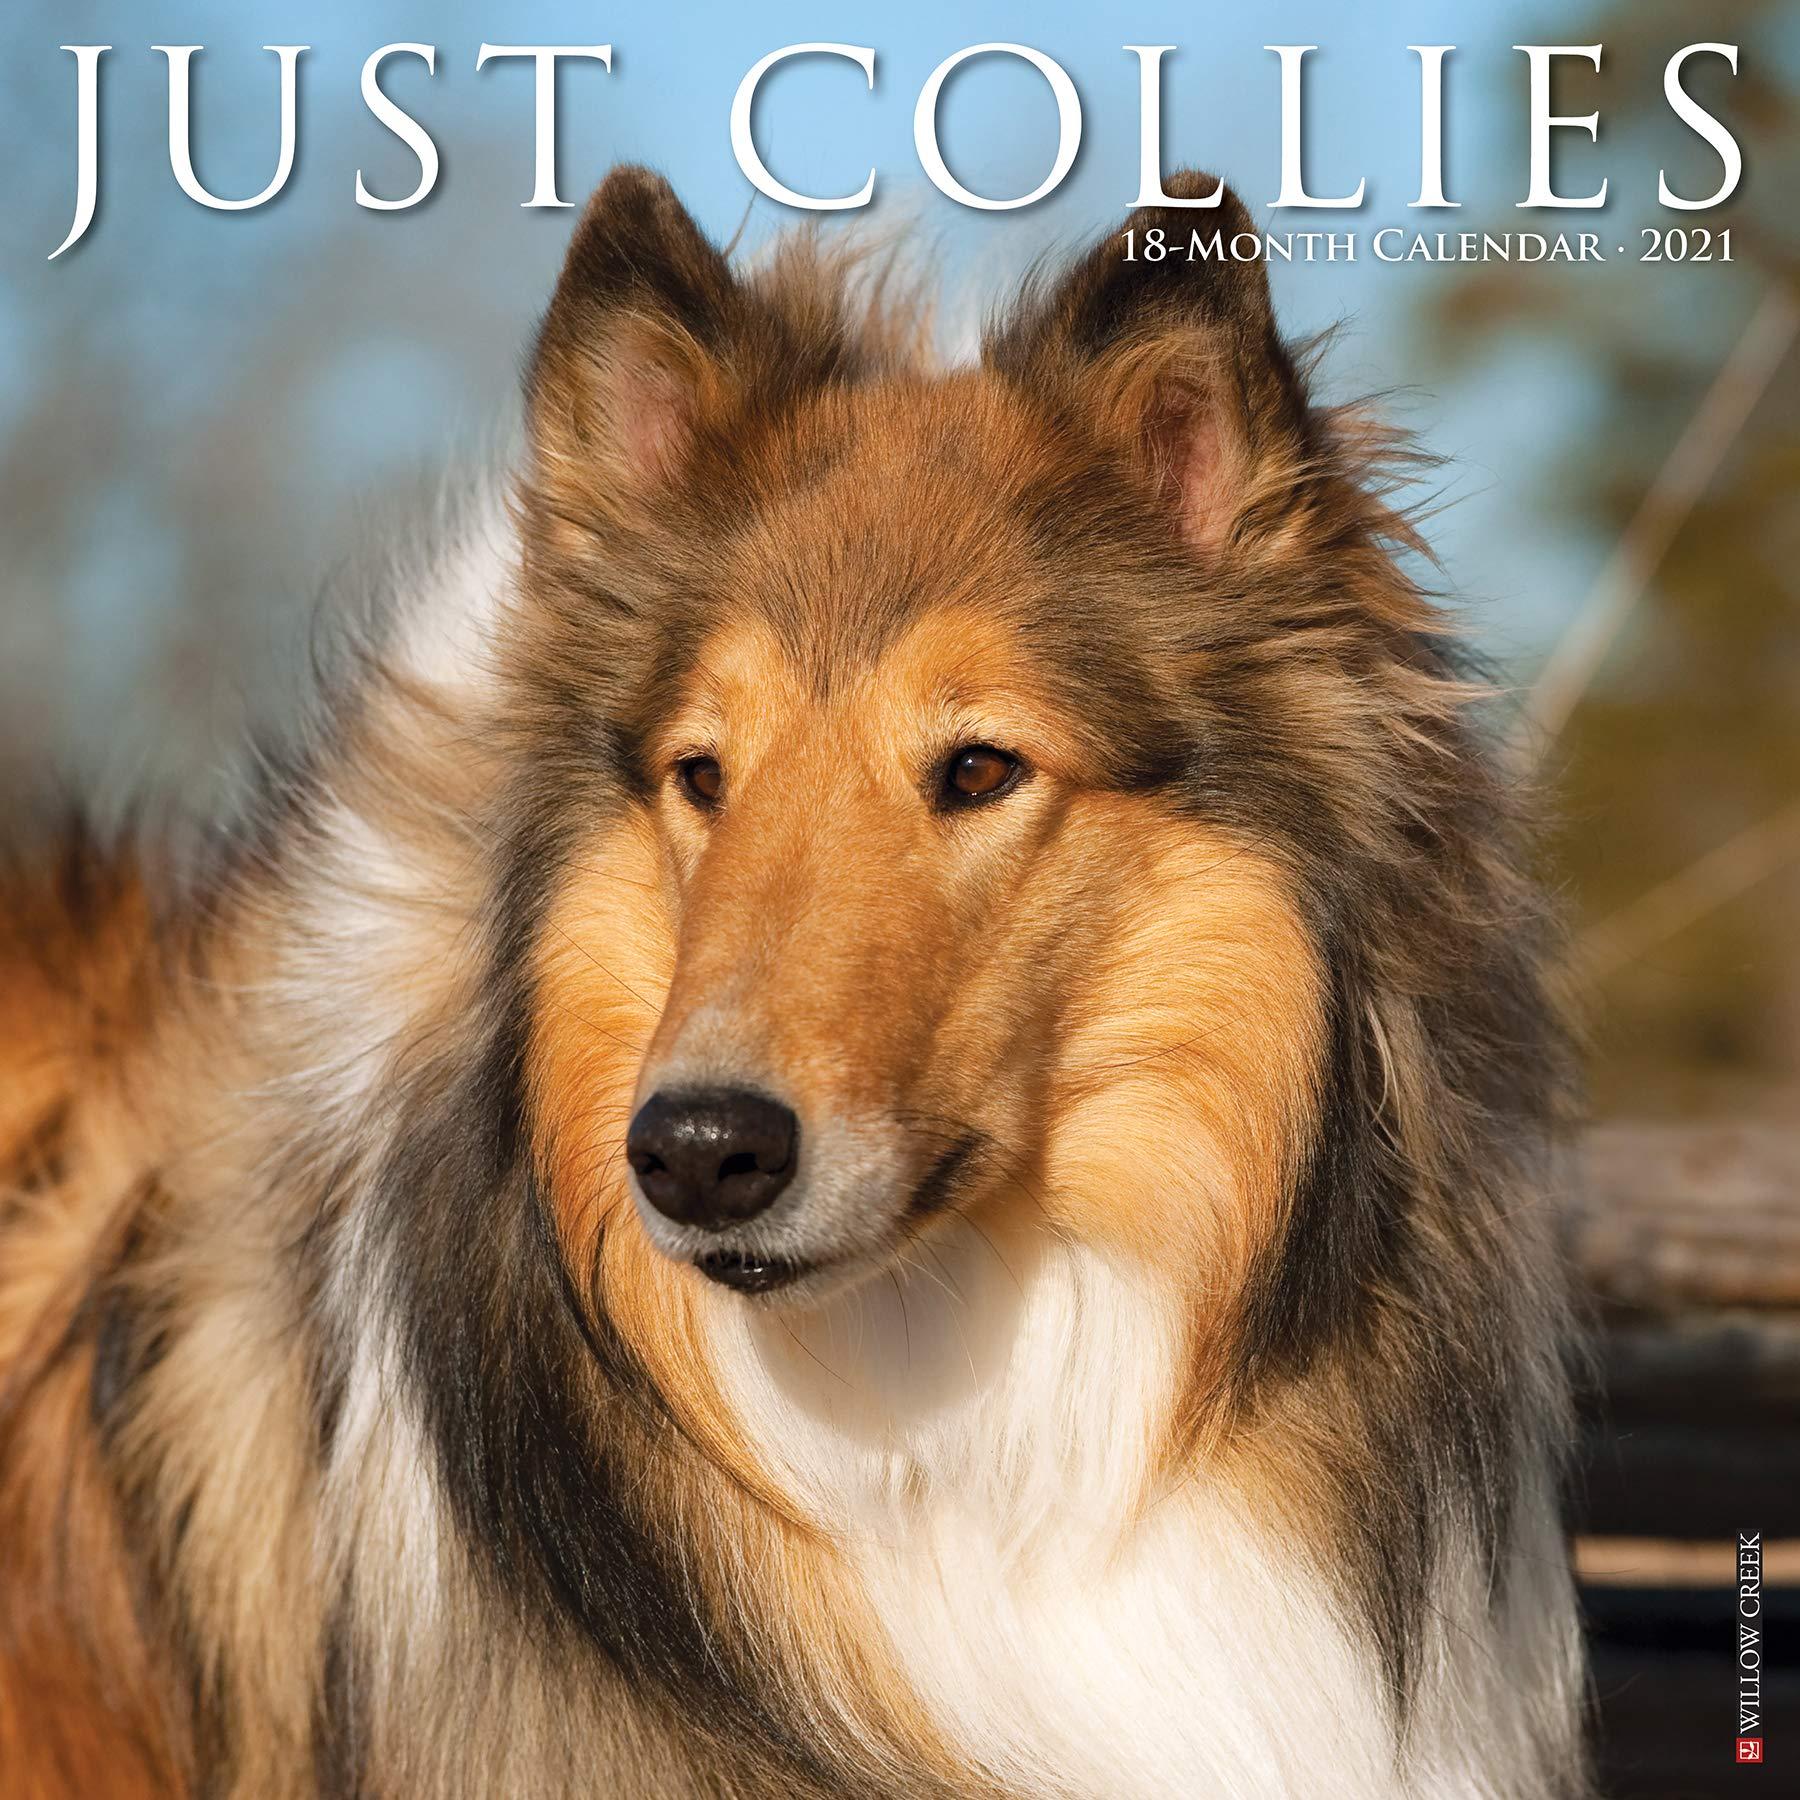 Just Collies 2021 Wall Calendar (Dog Breed Calendar): Willow Creek